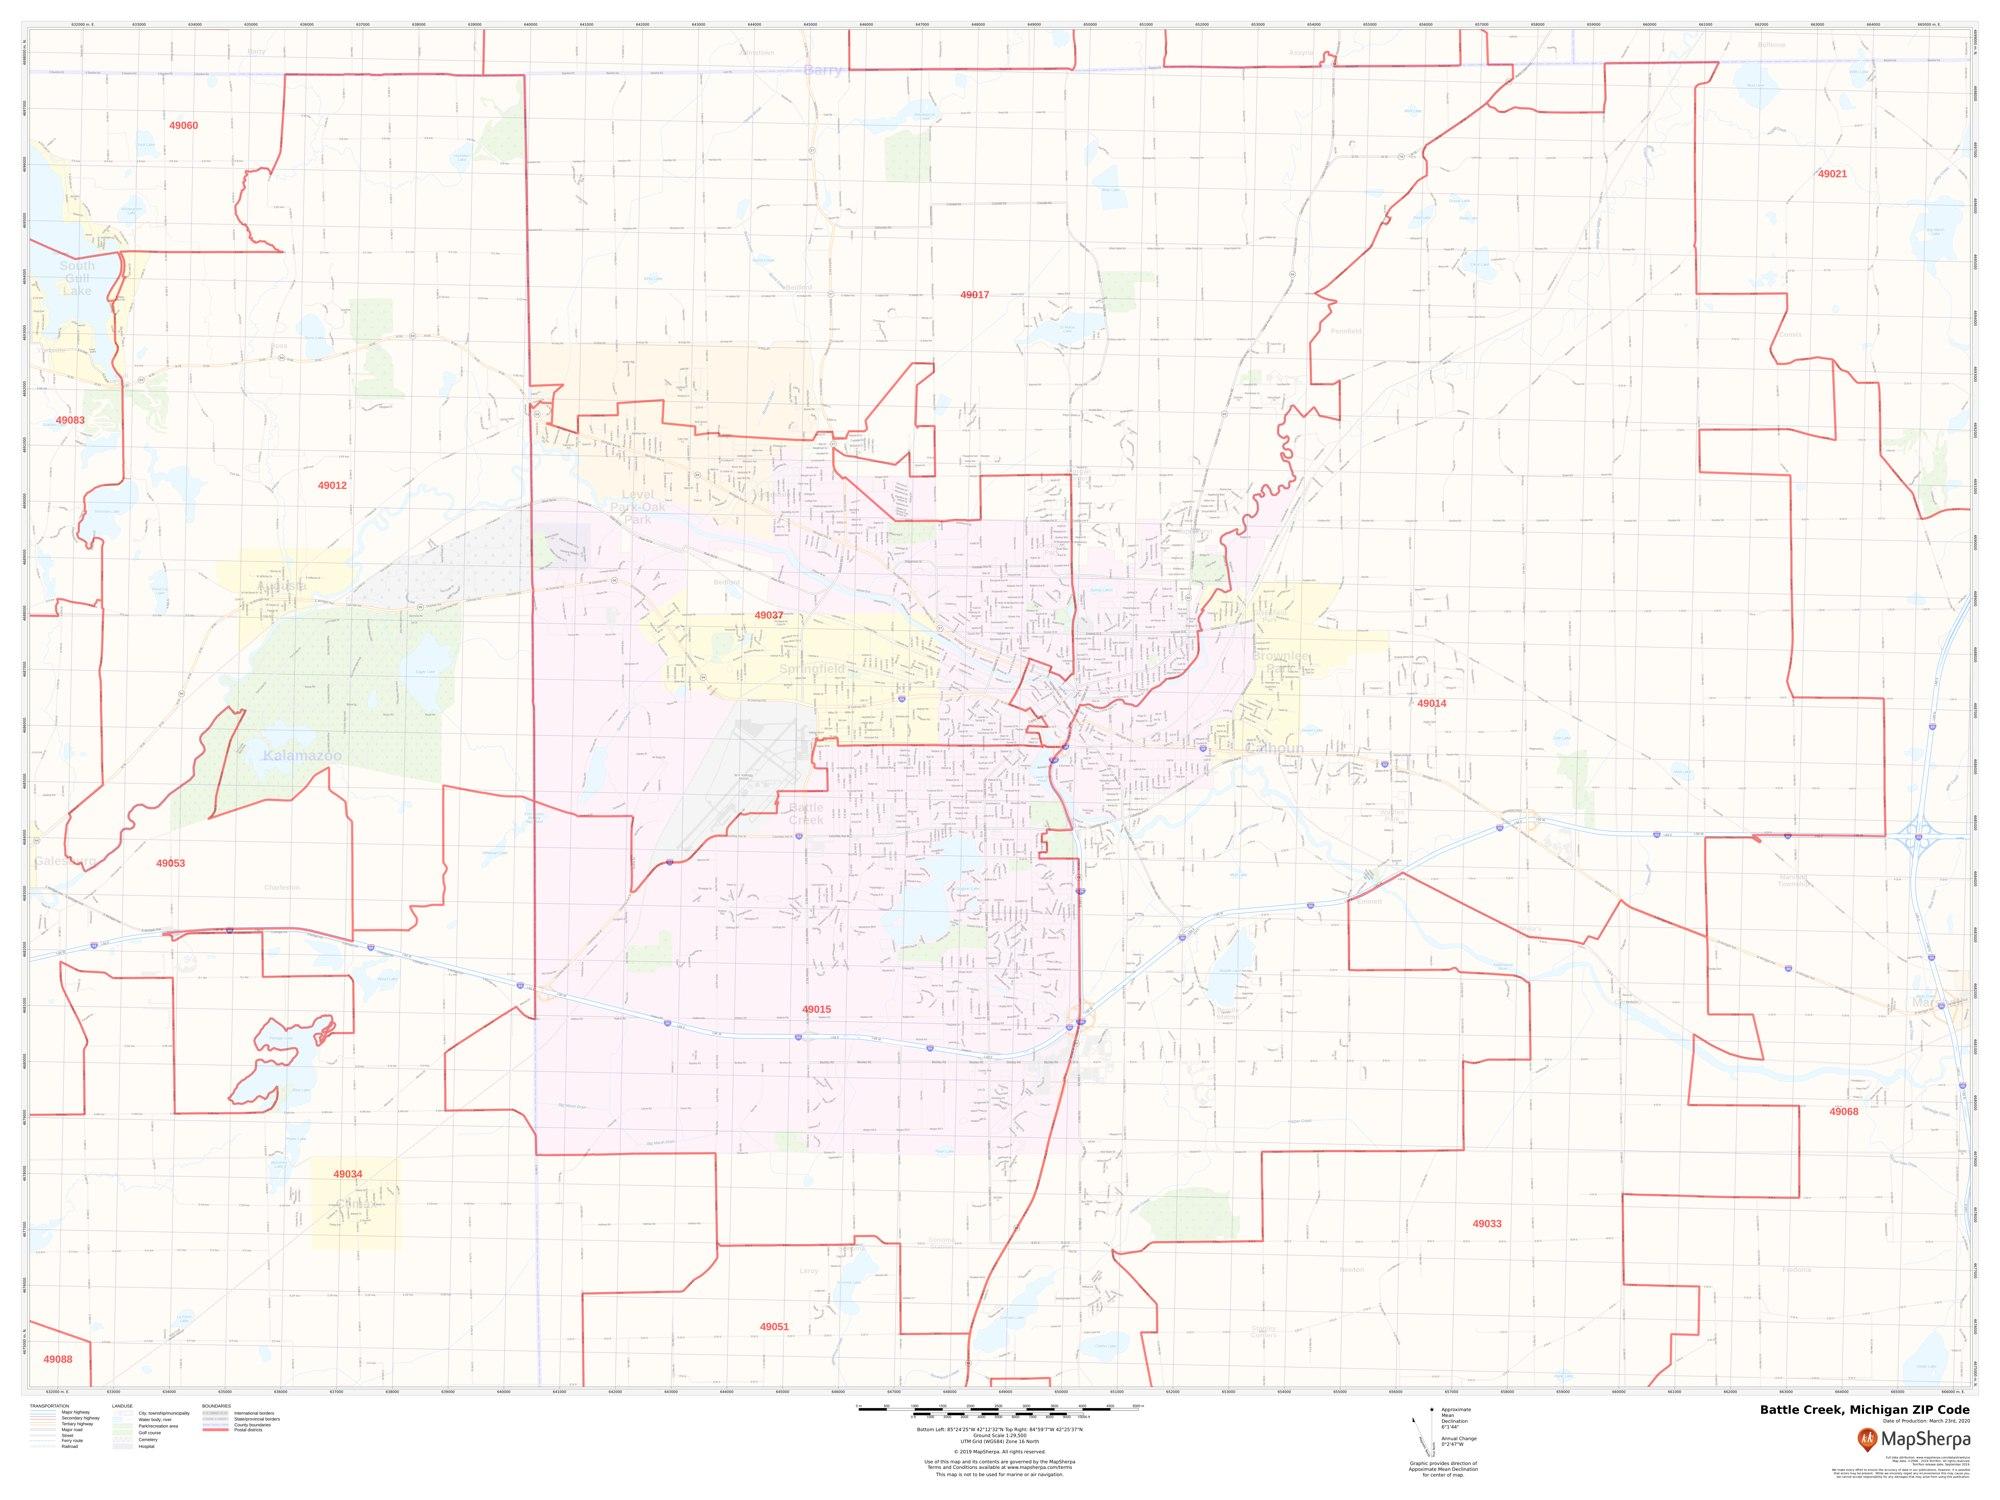 Battle Creek Michigan Zip Code Map Battle Creek MI Zip Code Map